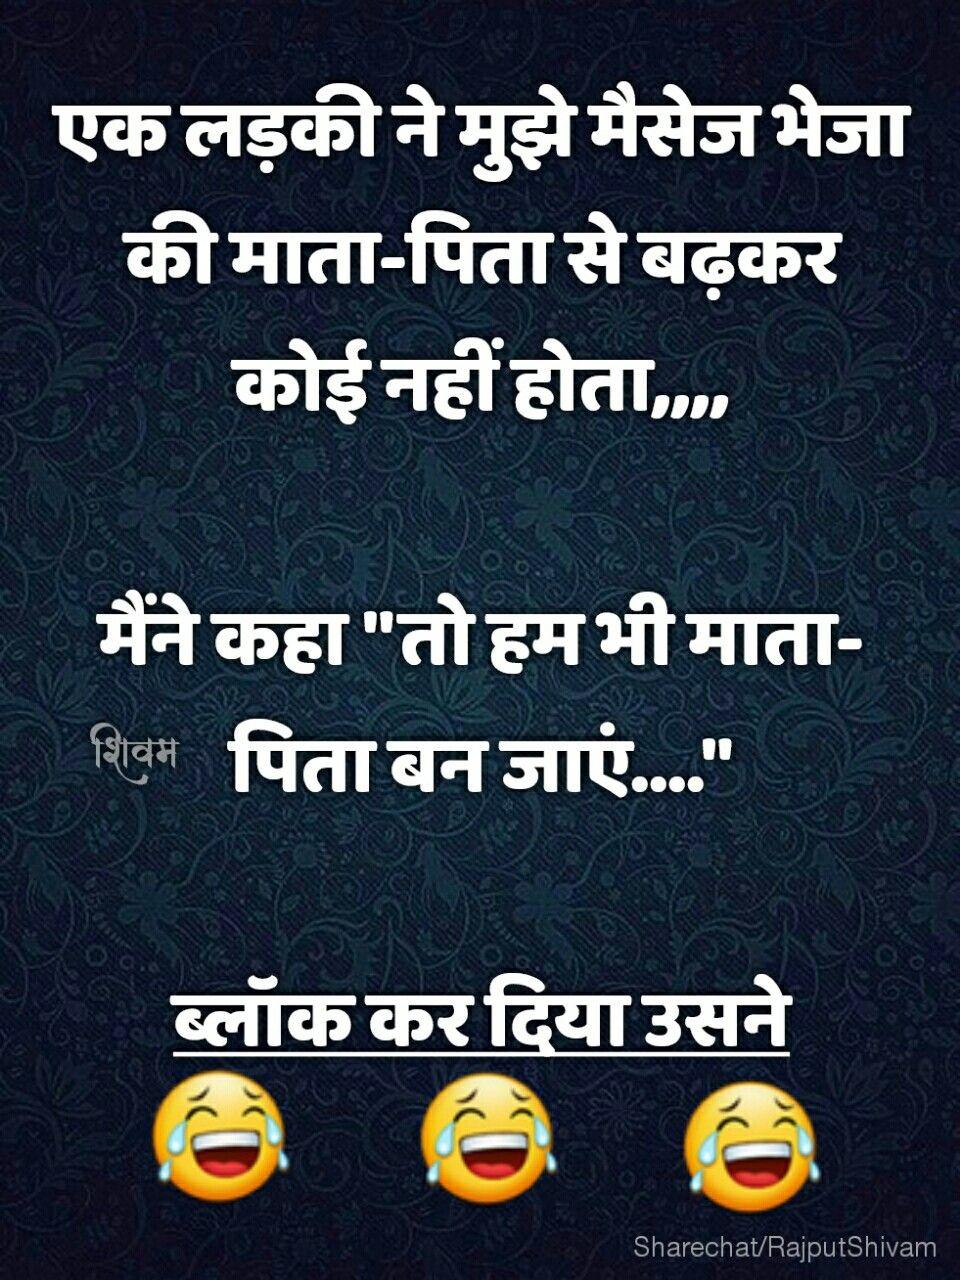 Joke Jokeinhindi Hindijoke Shivamr7 Some Funny Jokes Funny Messages Jokes In Hindi